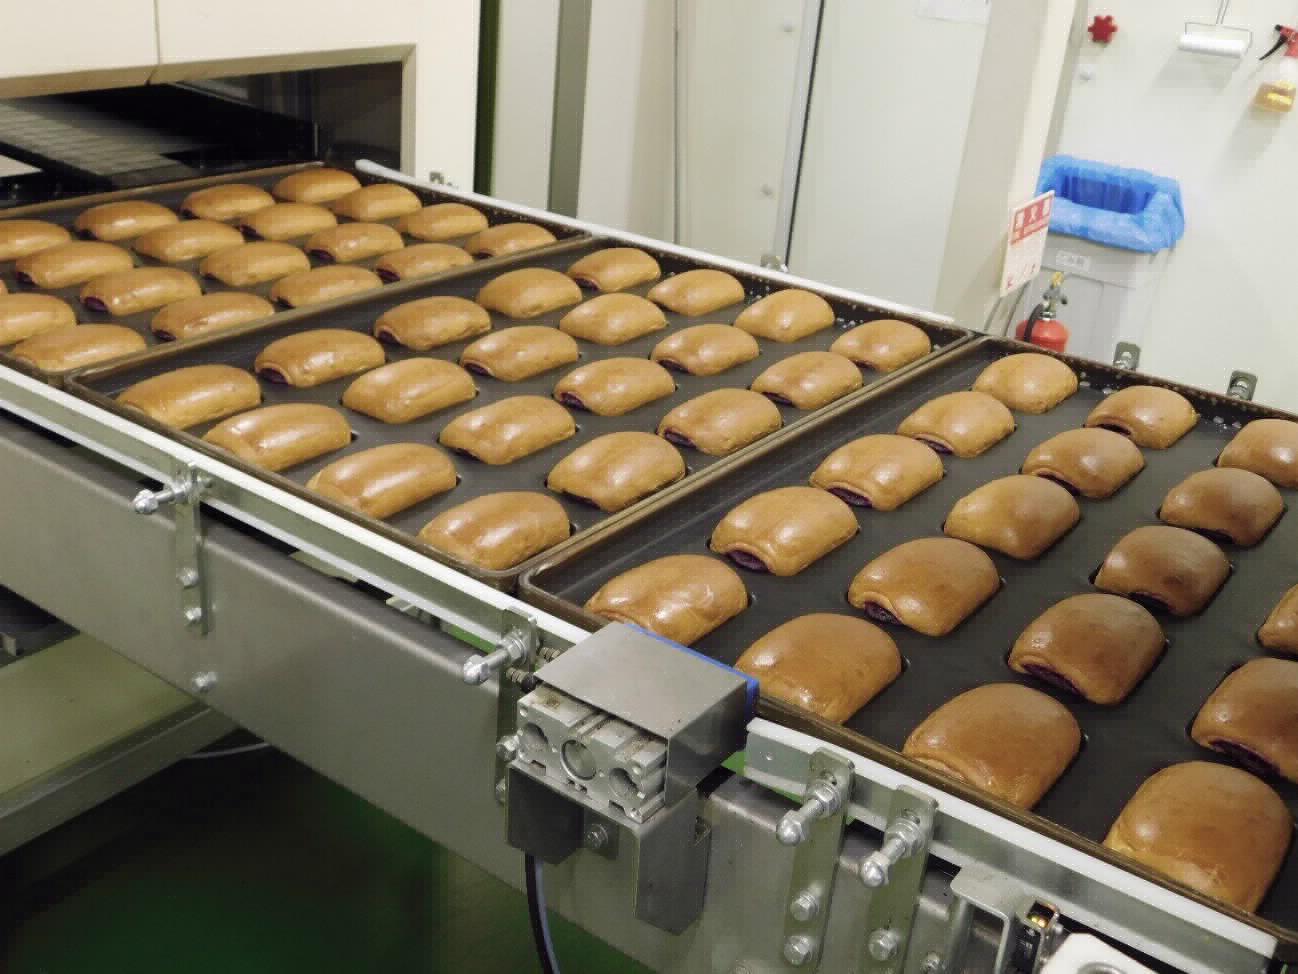 長野工場の製造の様子:長野工場の生産能力は1日9万個、下関工場の2倍だそうです